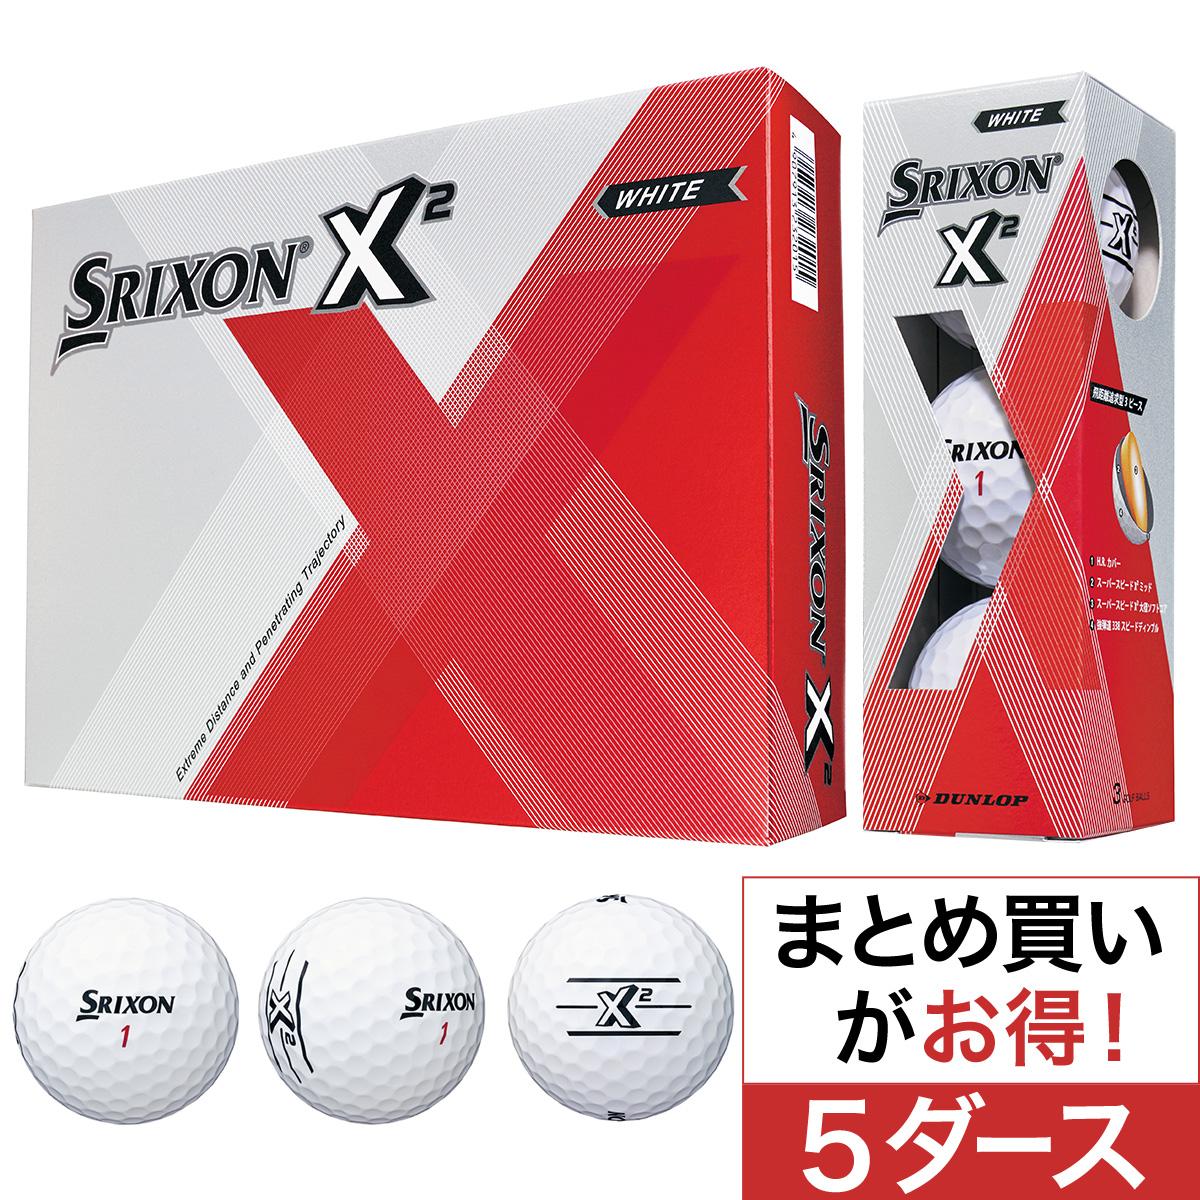 スリクソン X2 ボール 5ダースセット